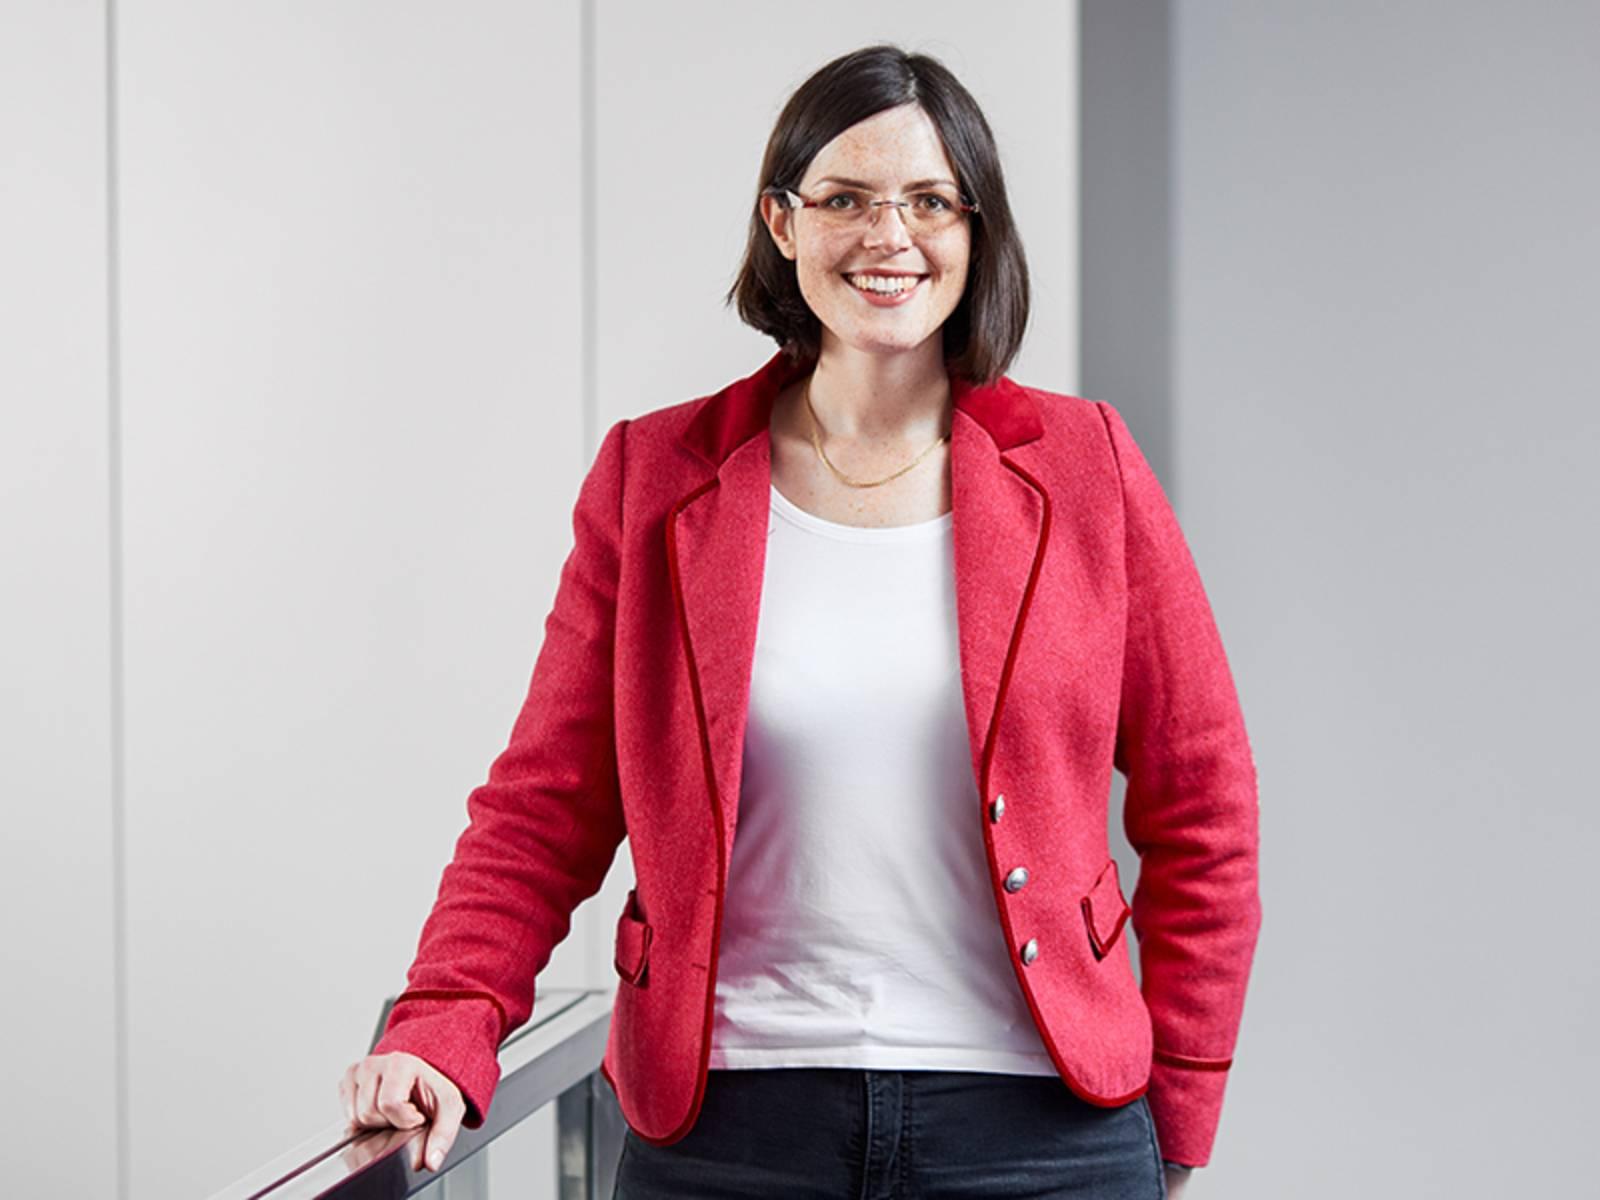 Portraitfoto einer Frau, die eine rote Jacke trägt